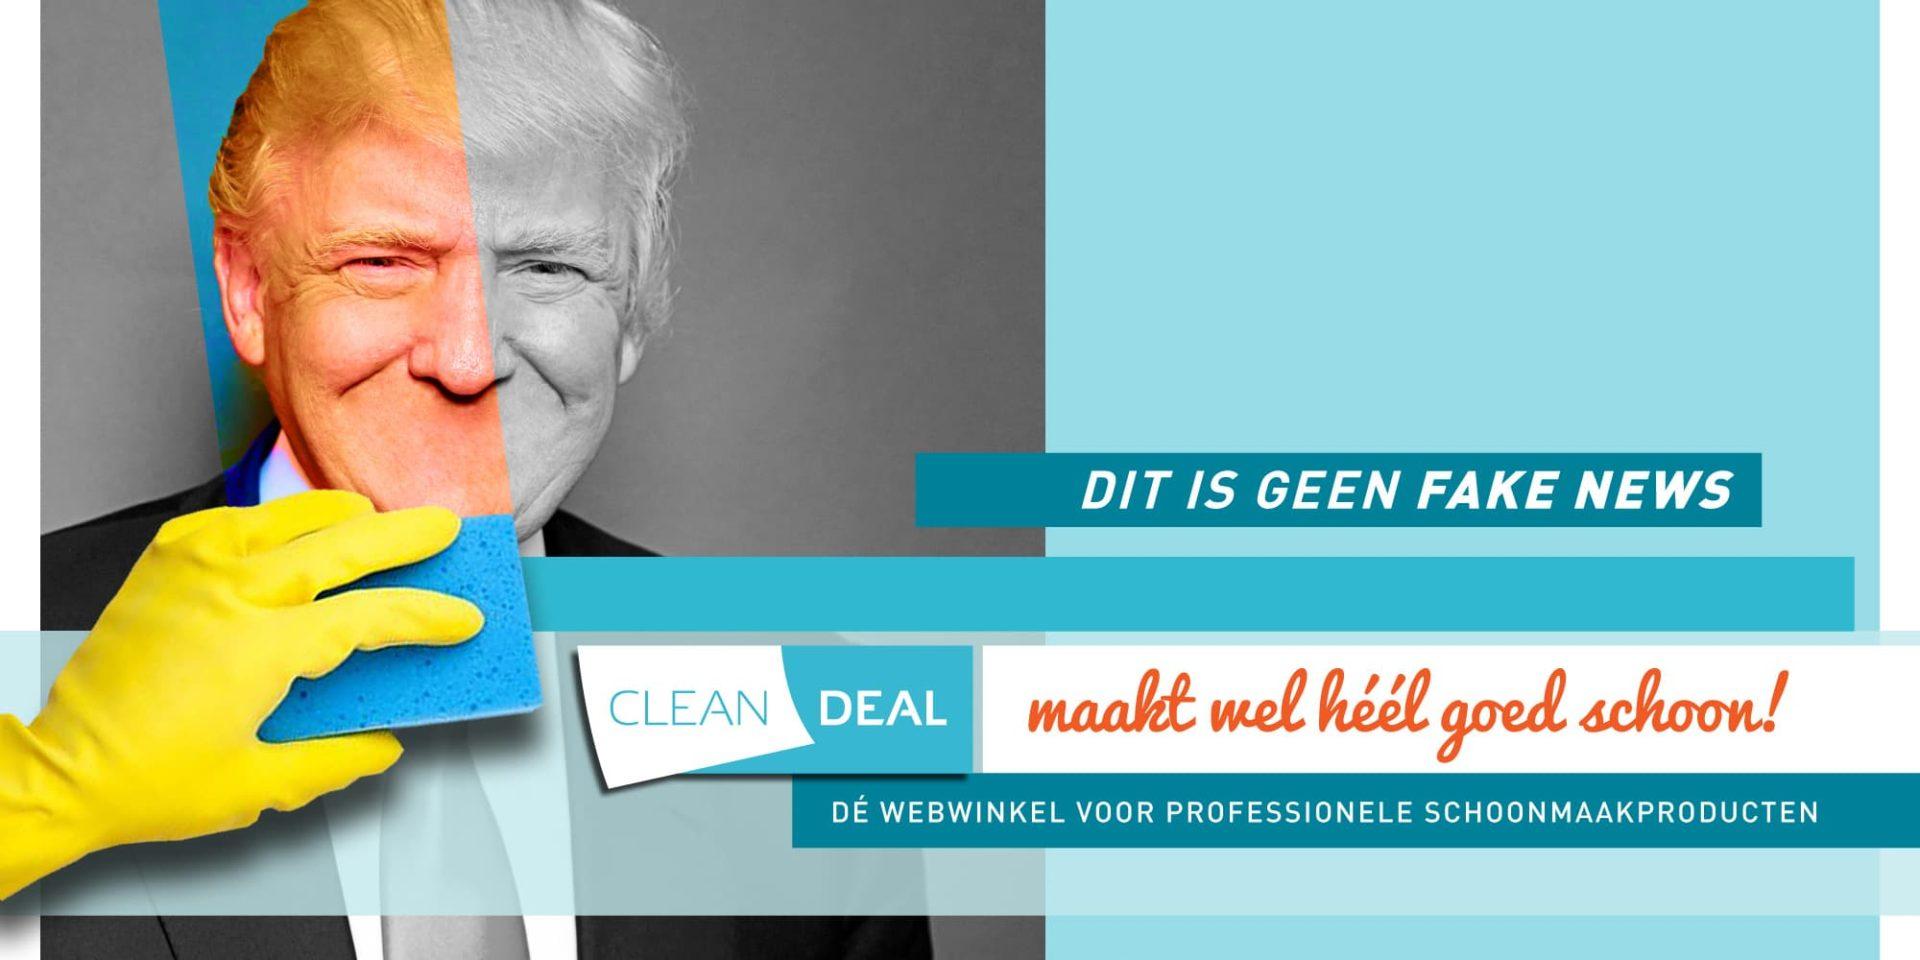 CleanDeal Hoofdbanner - Jeroen Borrenbergs)